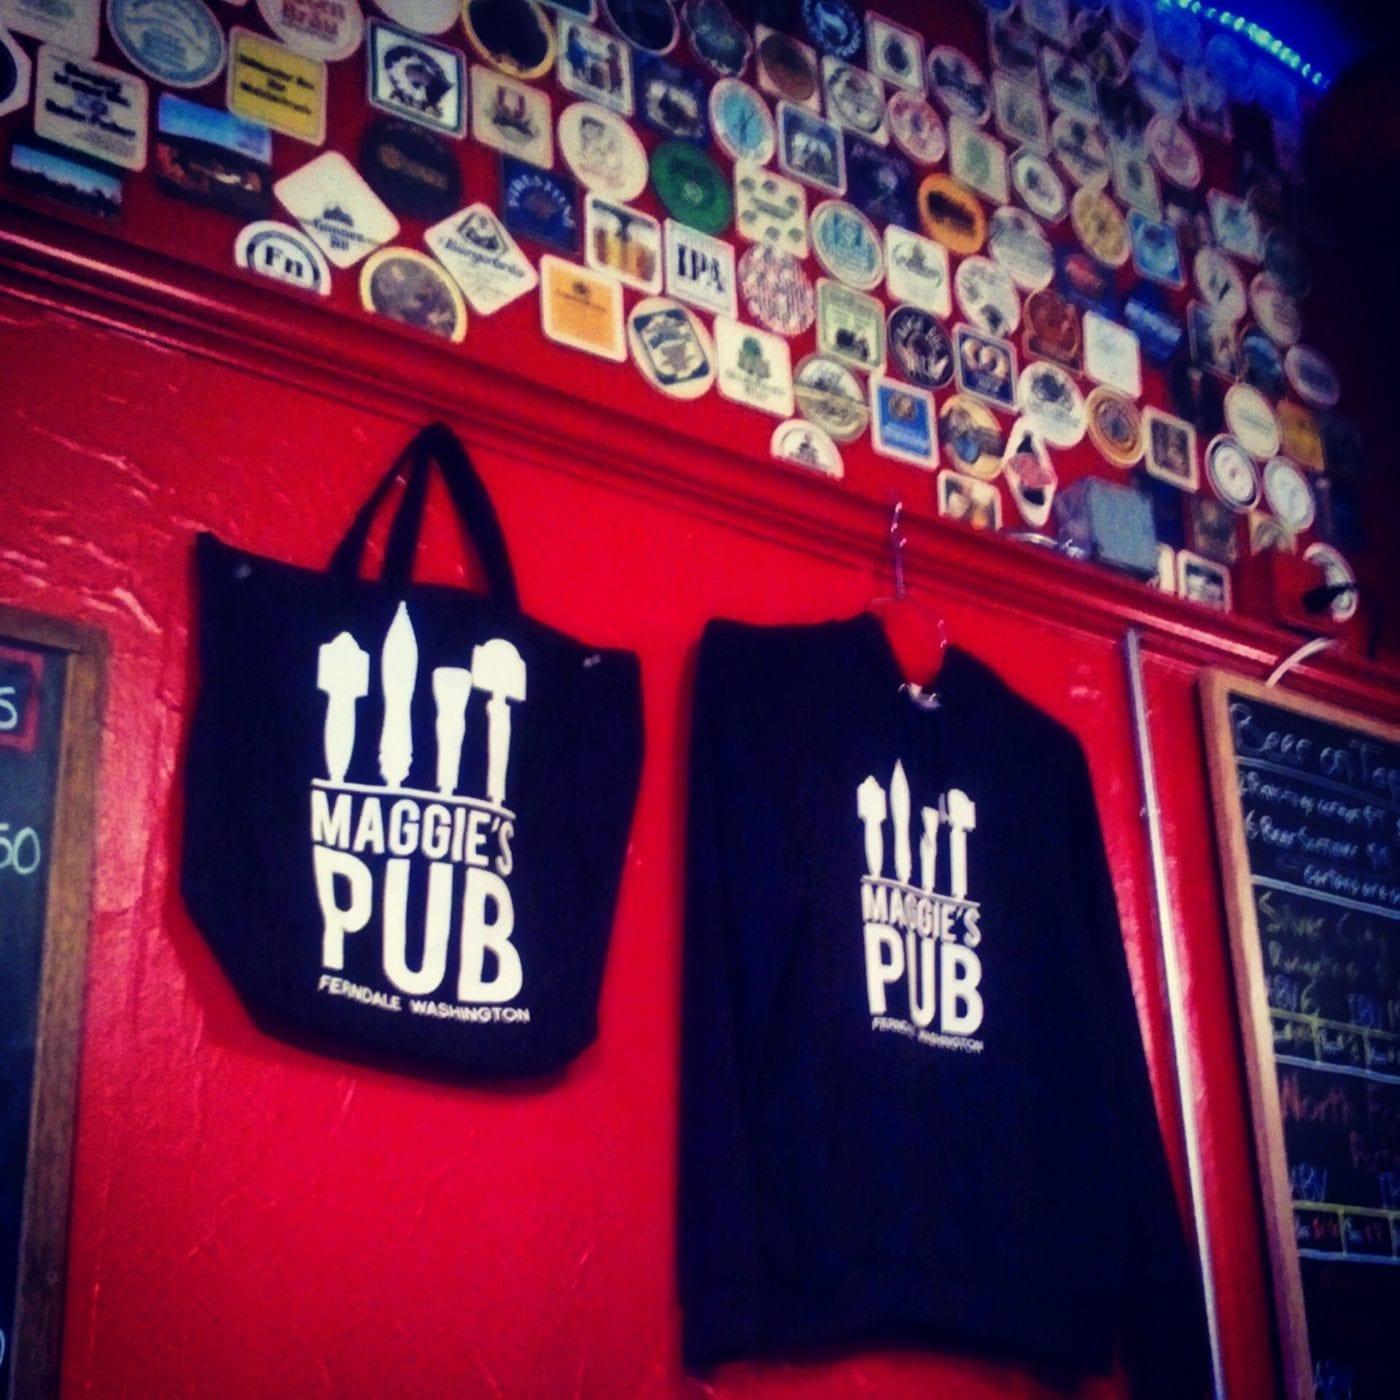 beer, Ferndale, WA, washington, IPA, Maggie's Pub